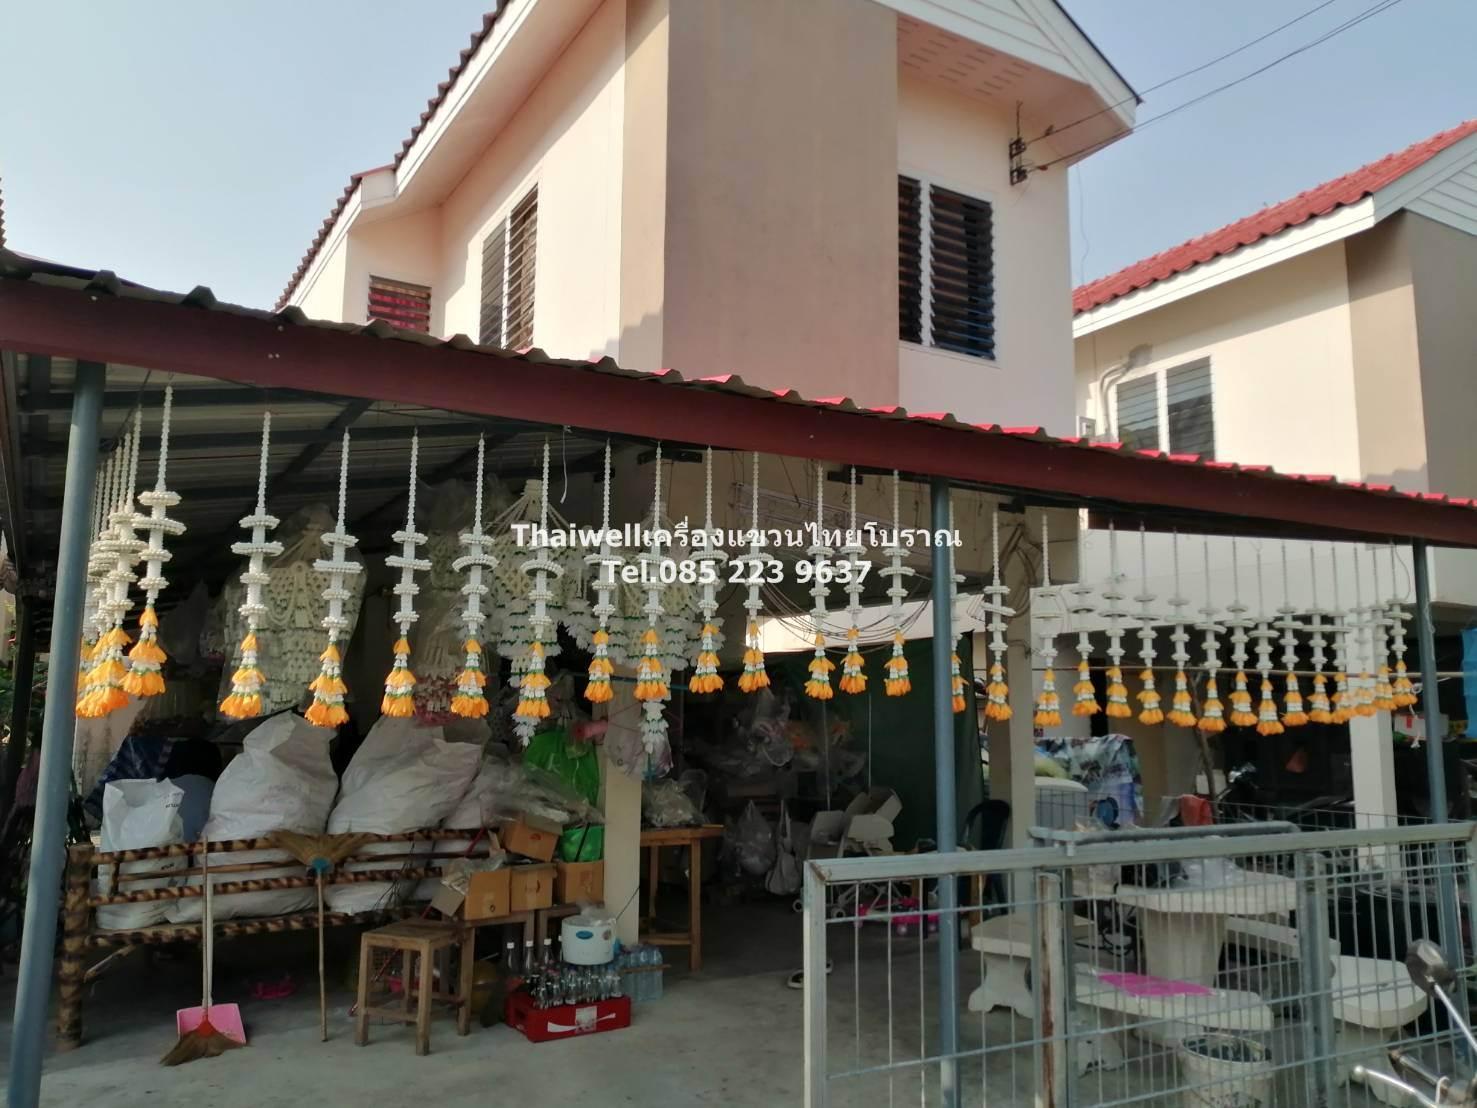 จำหน่ายเครื่องแขวนไทยโบราณ ประดับงานแต่ง พิธีมงคล โรงแรม รีสอร์ท ร้านอาหาร